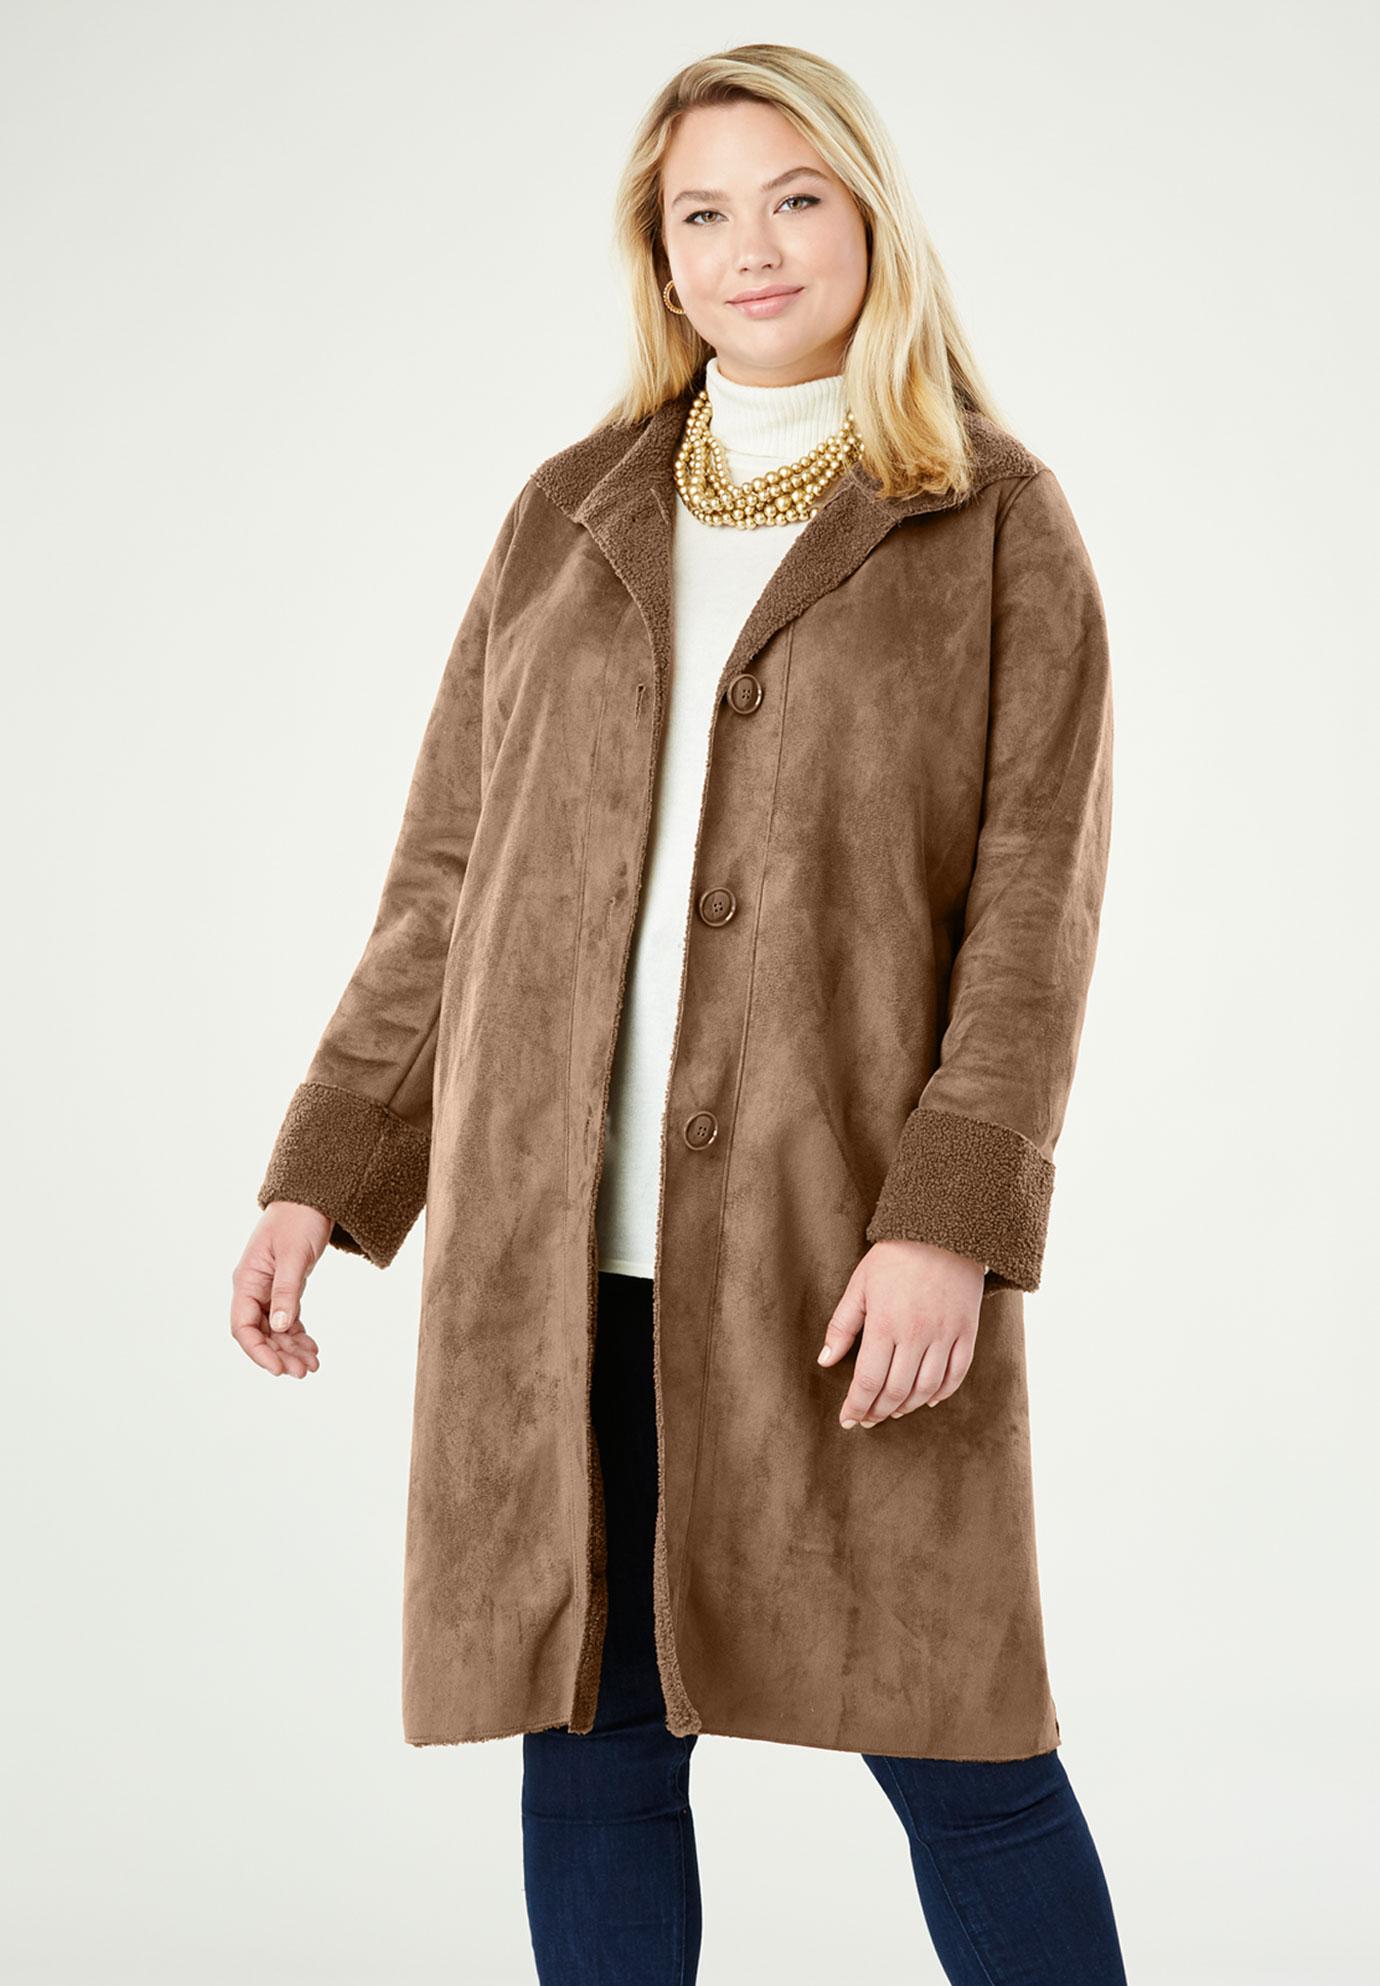 981a2b7520728 Faux Shearling Coat